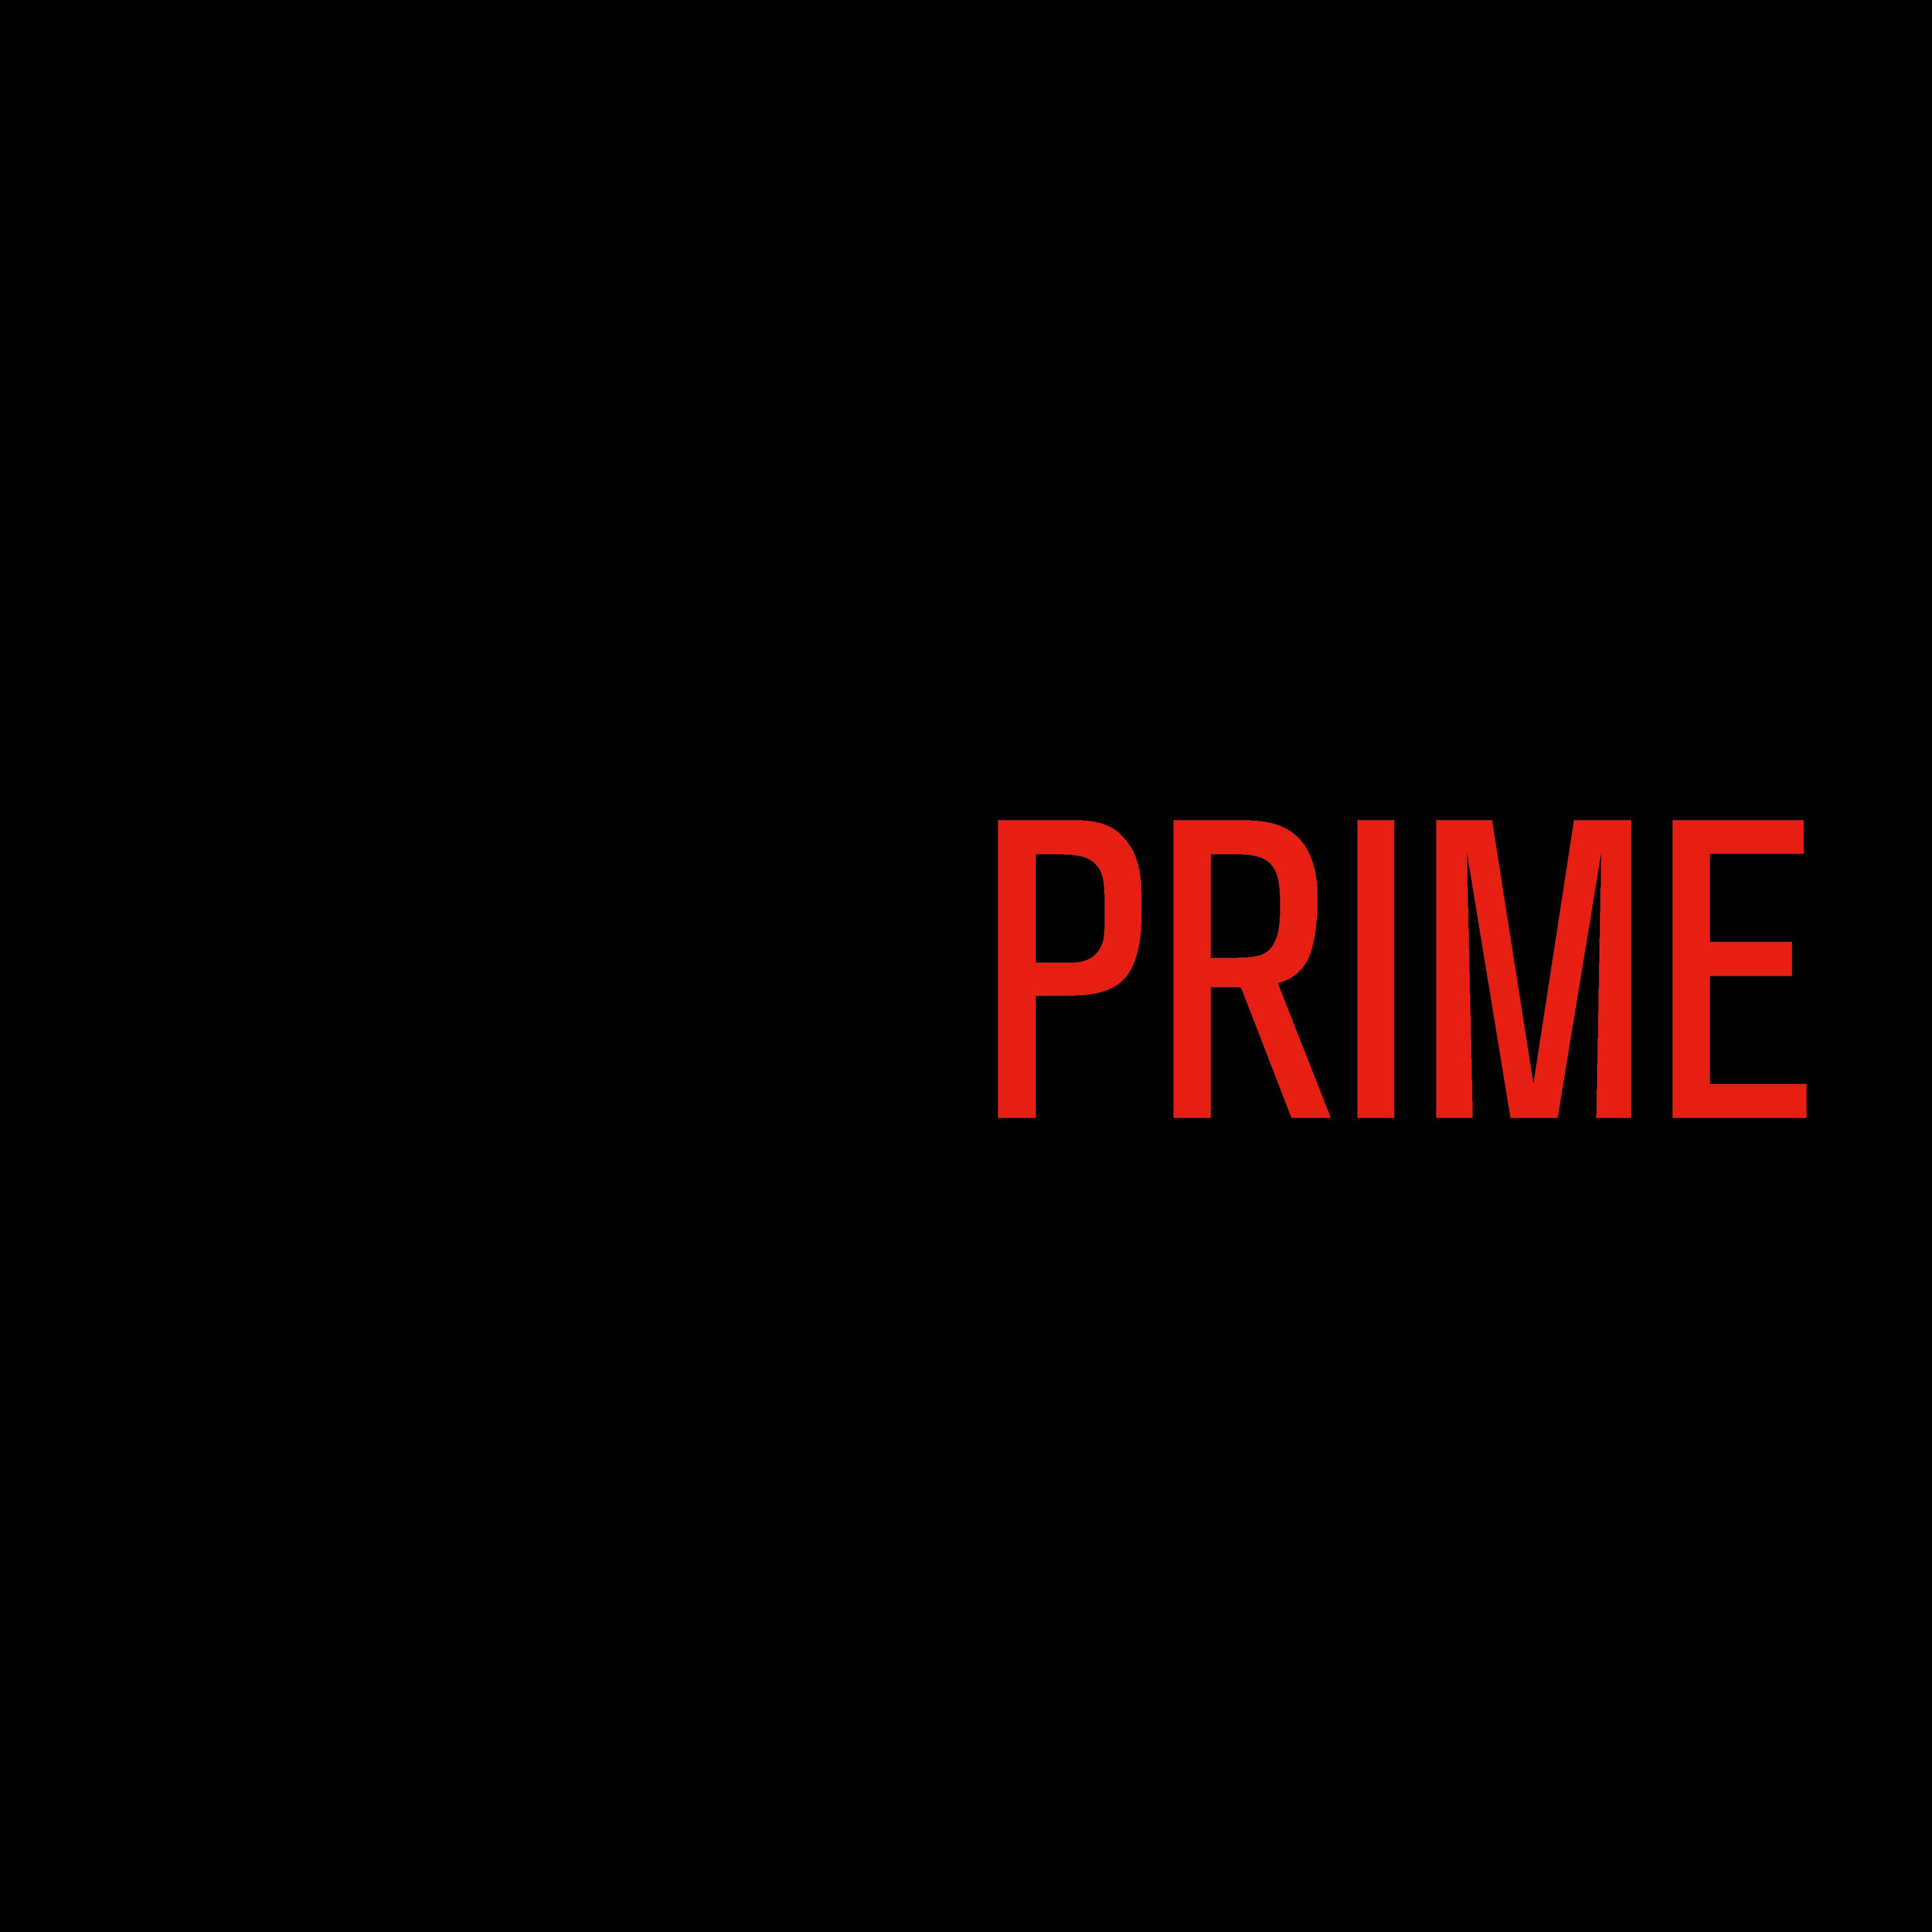 max prime logo 0 - MaxPrime Logo